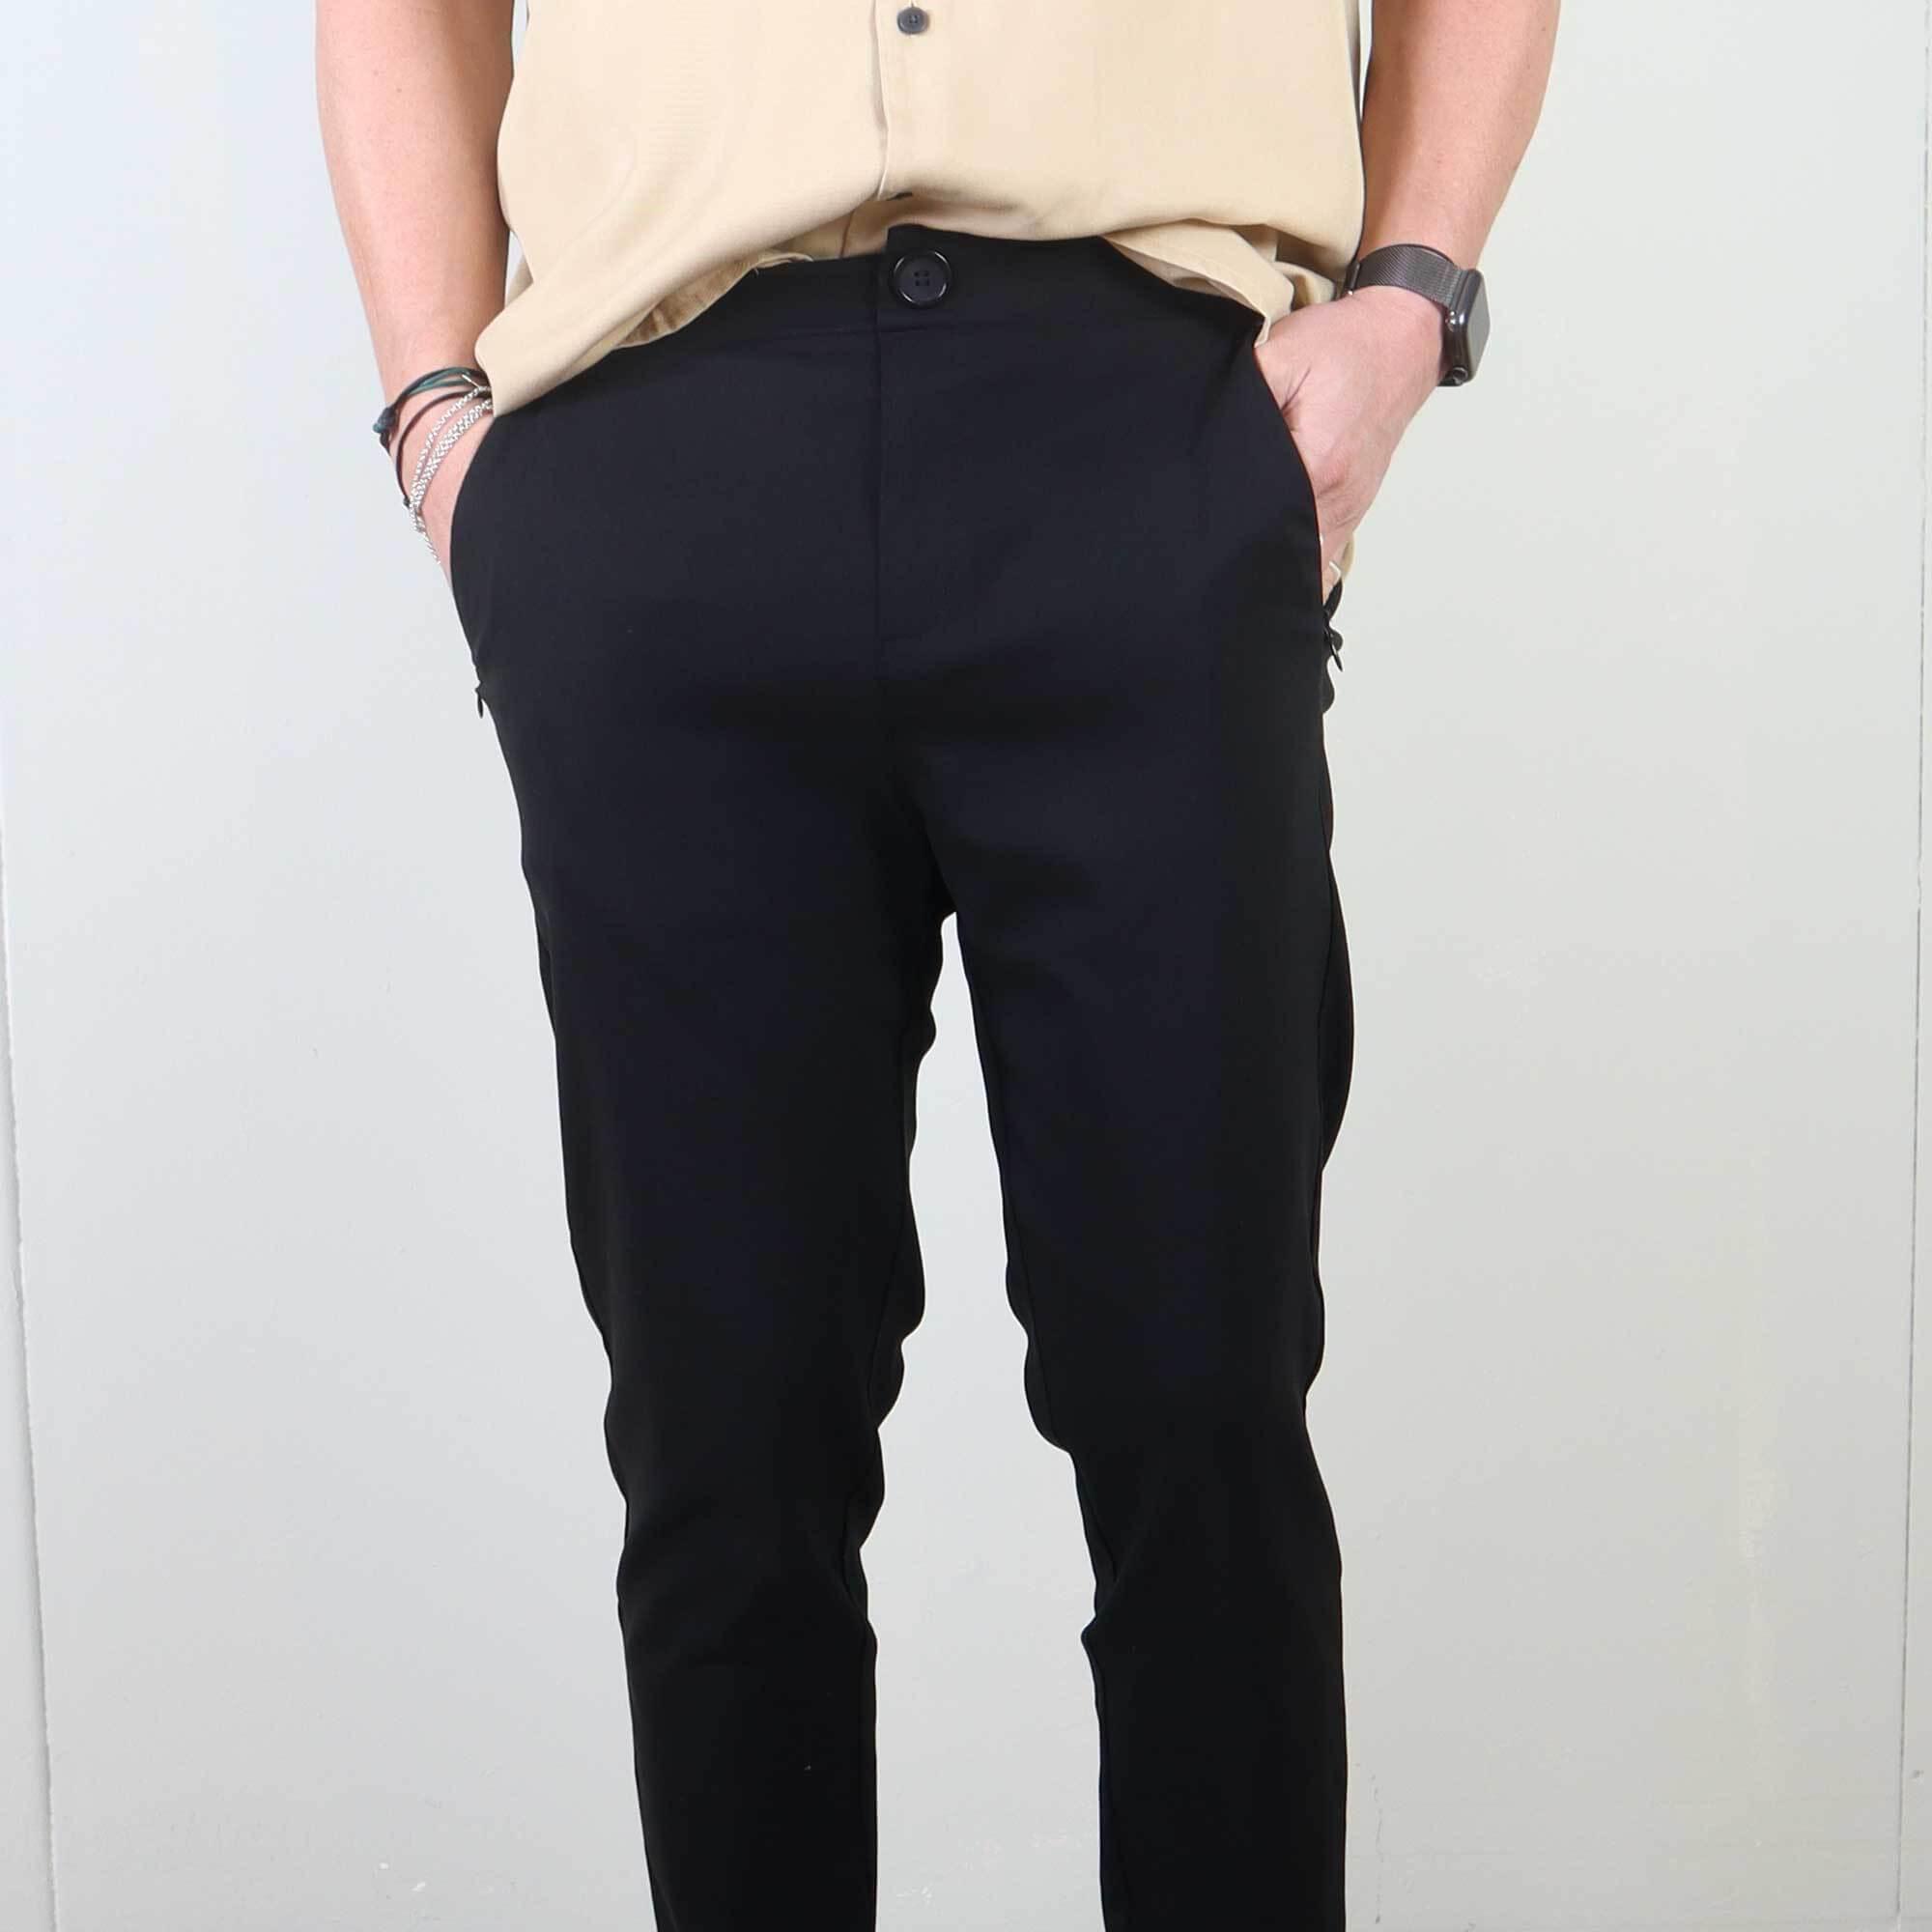 pantalon-black-2